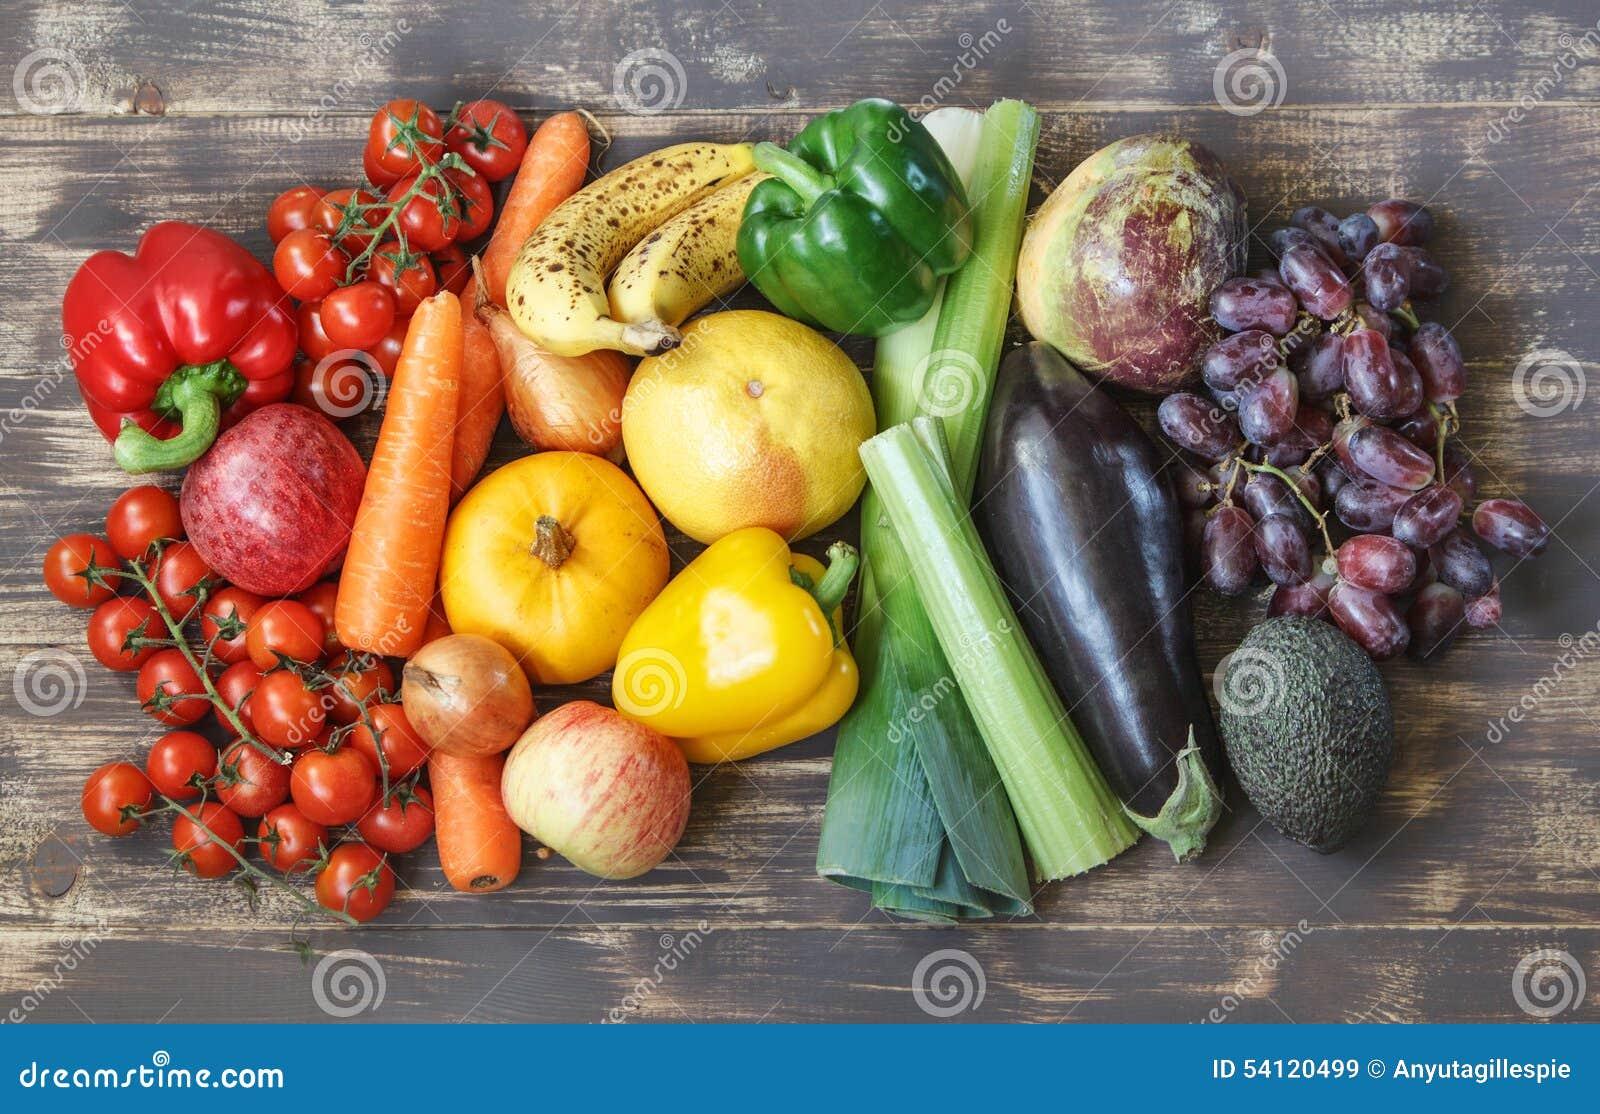 Fotos de la comida con las frutas y verduras en una disposición del arco iris